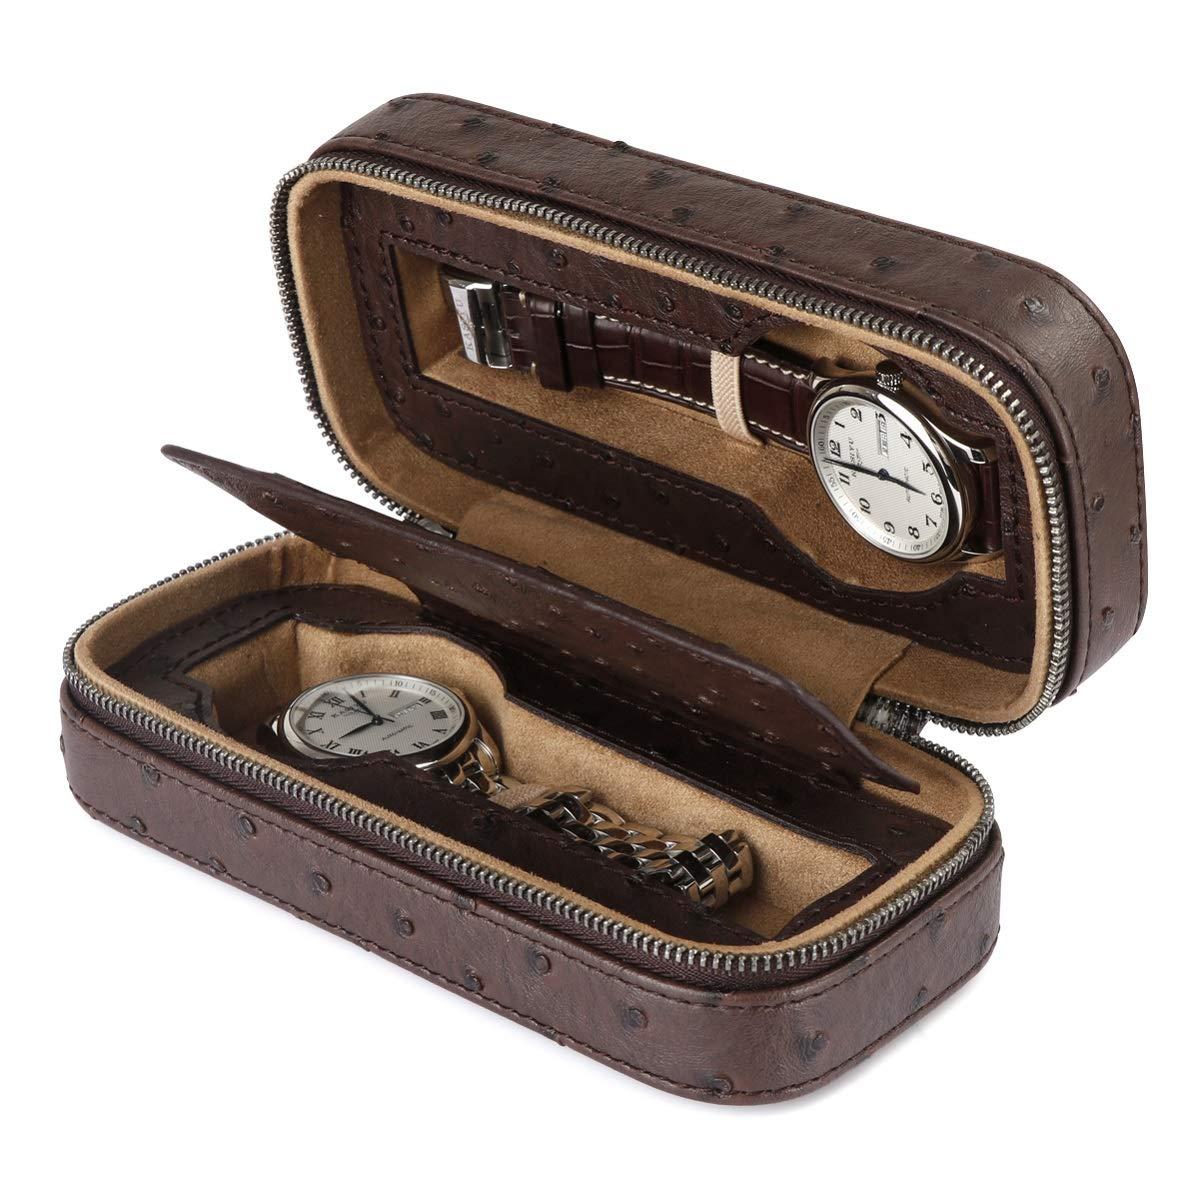 LELADY Caja de Reloj para Hombres, Estuche de Reloj para Mujeres con 2 Rejillas, Cajas de Almacenamiento de Reloj de Viaje de Cuero de PU pequeñas, ...